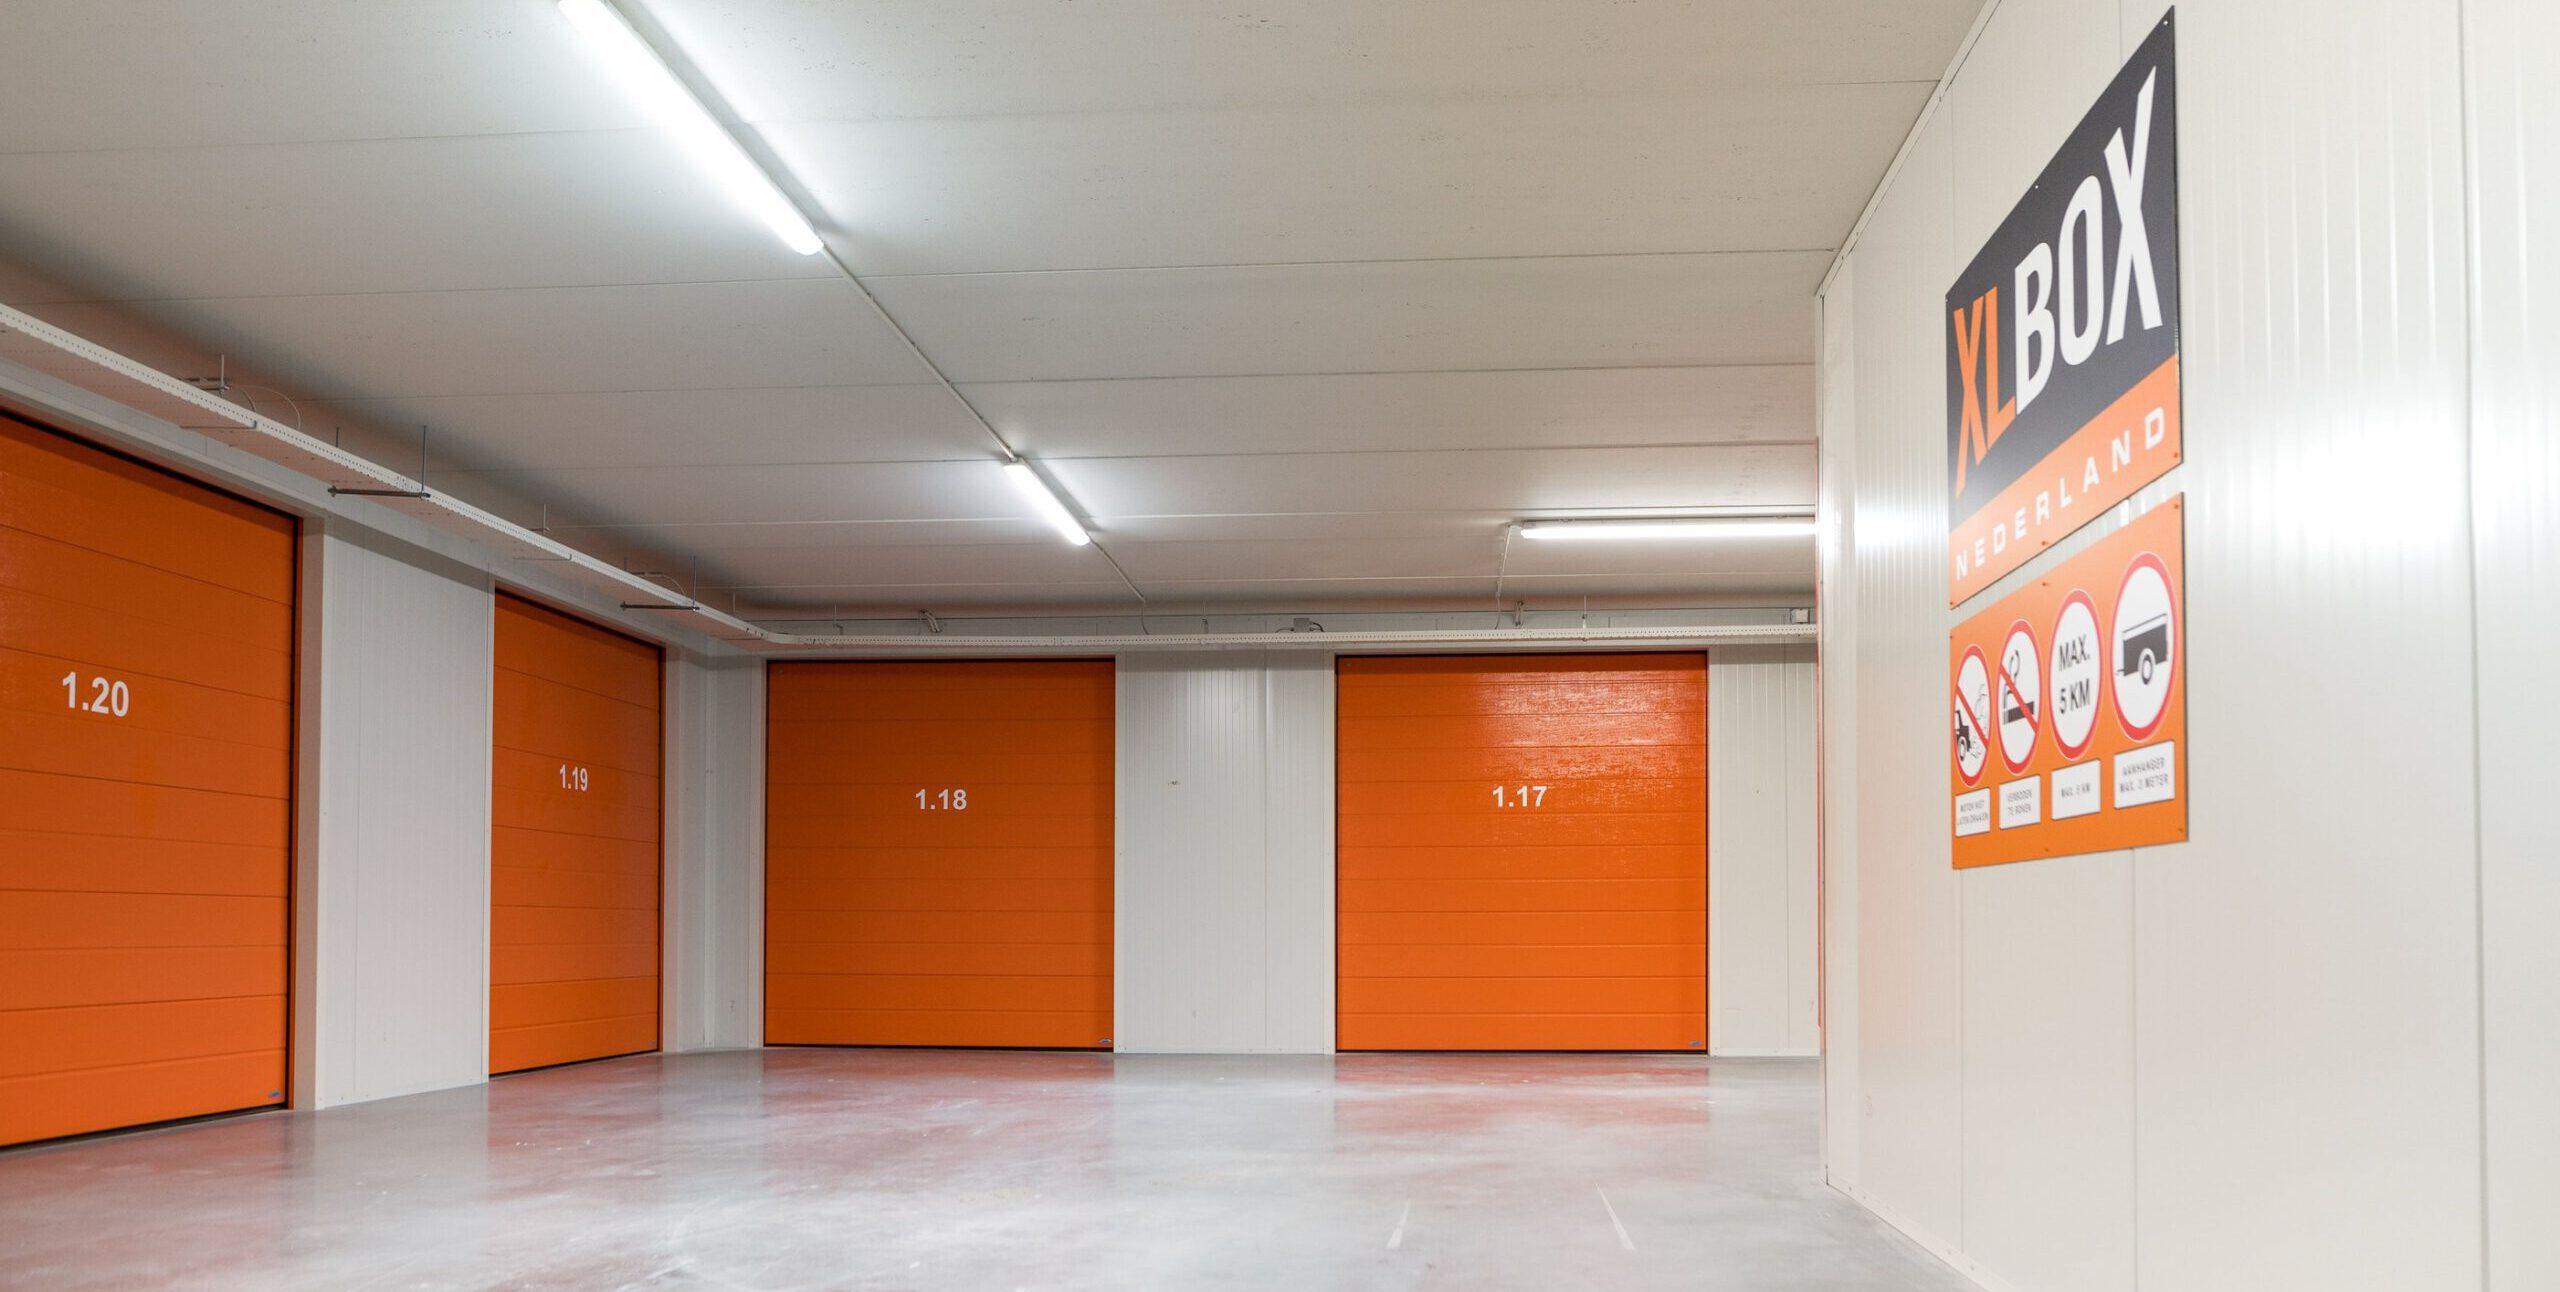 XLBox garageboxen